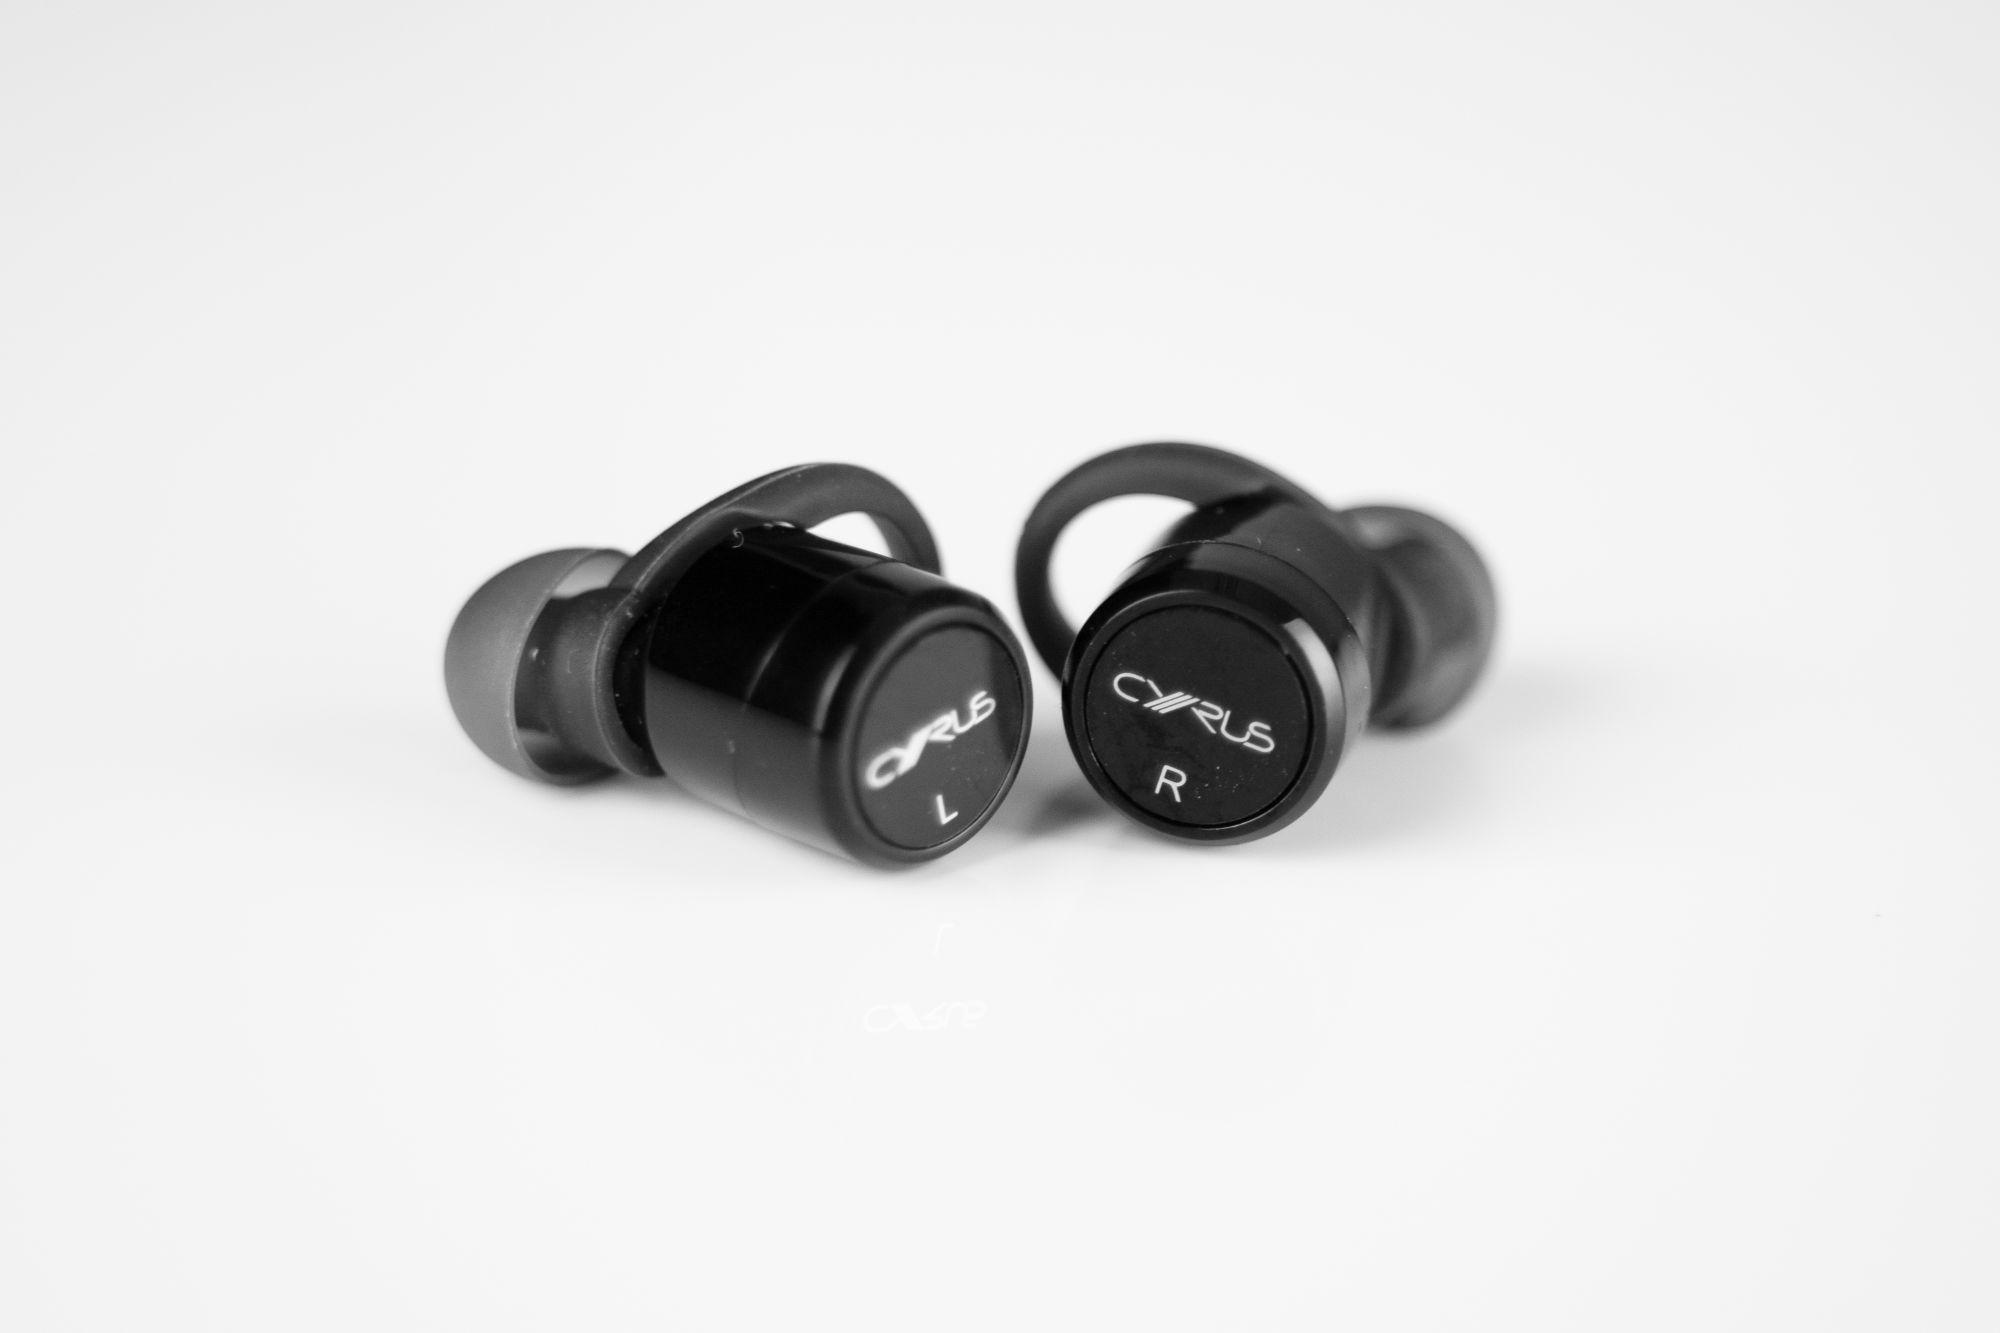 Soundbuds